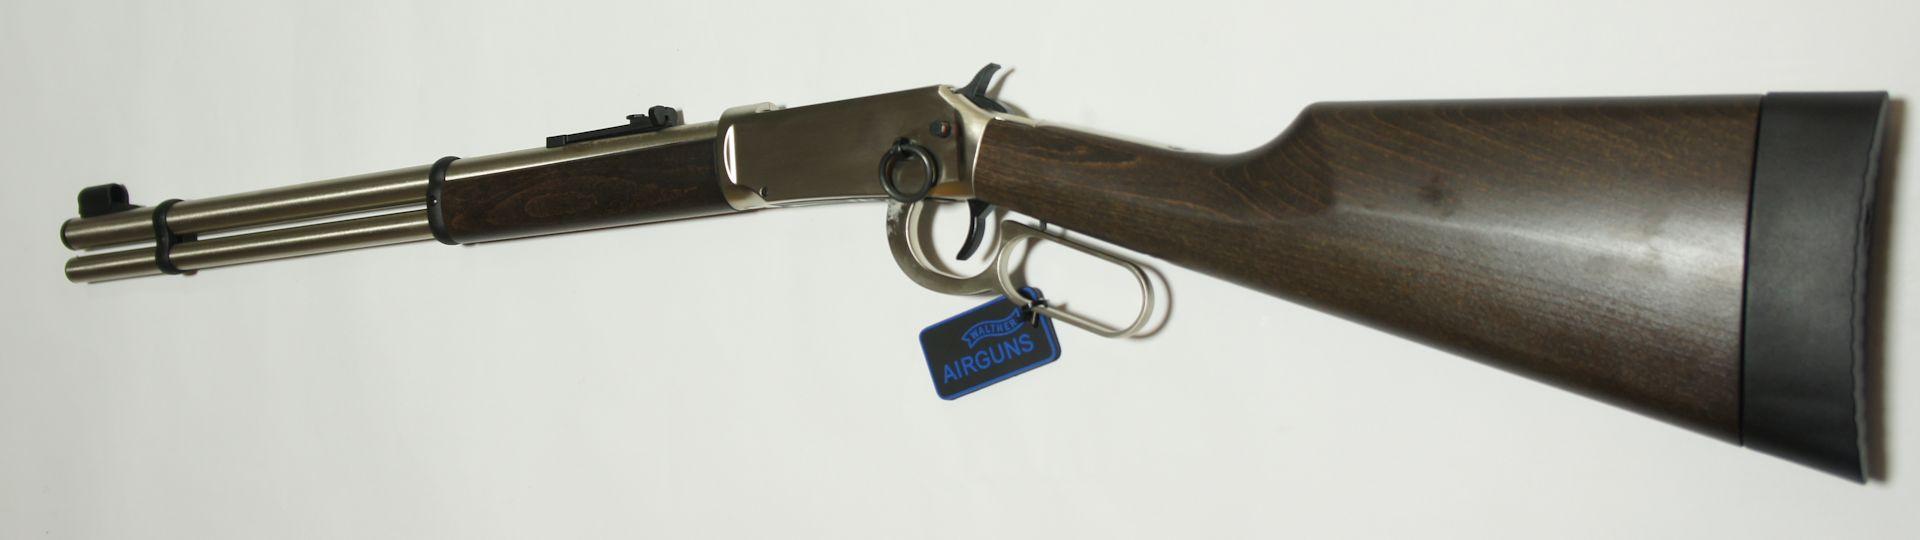 CO2 Winchester, Walther Lever Action, steel finish von der Seite